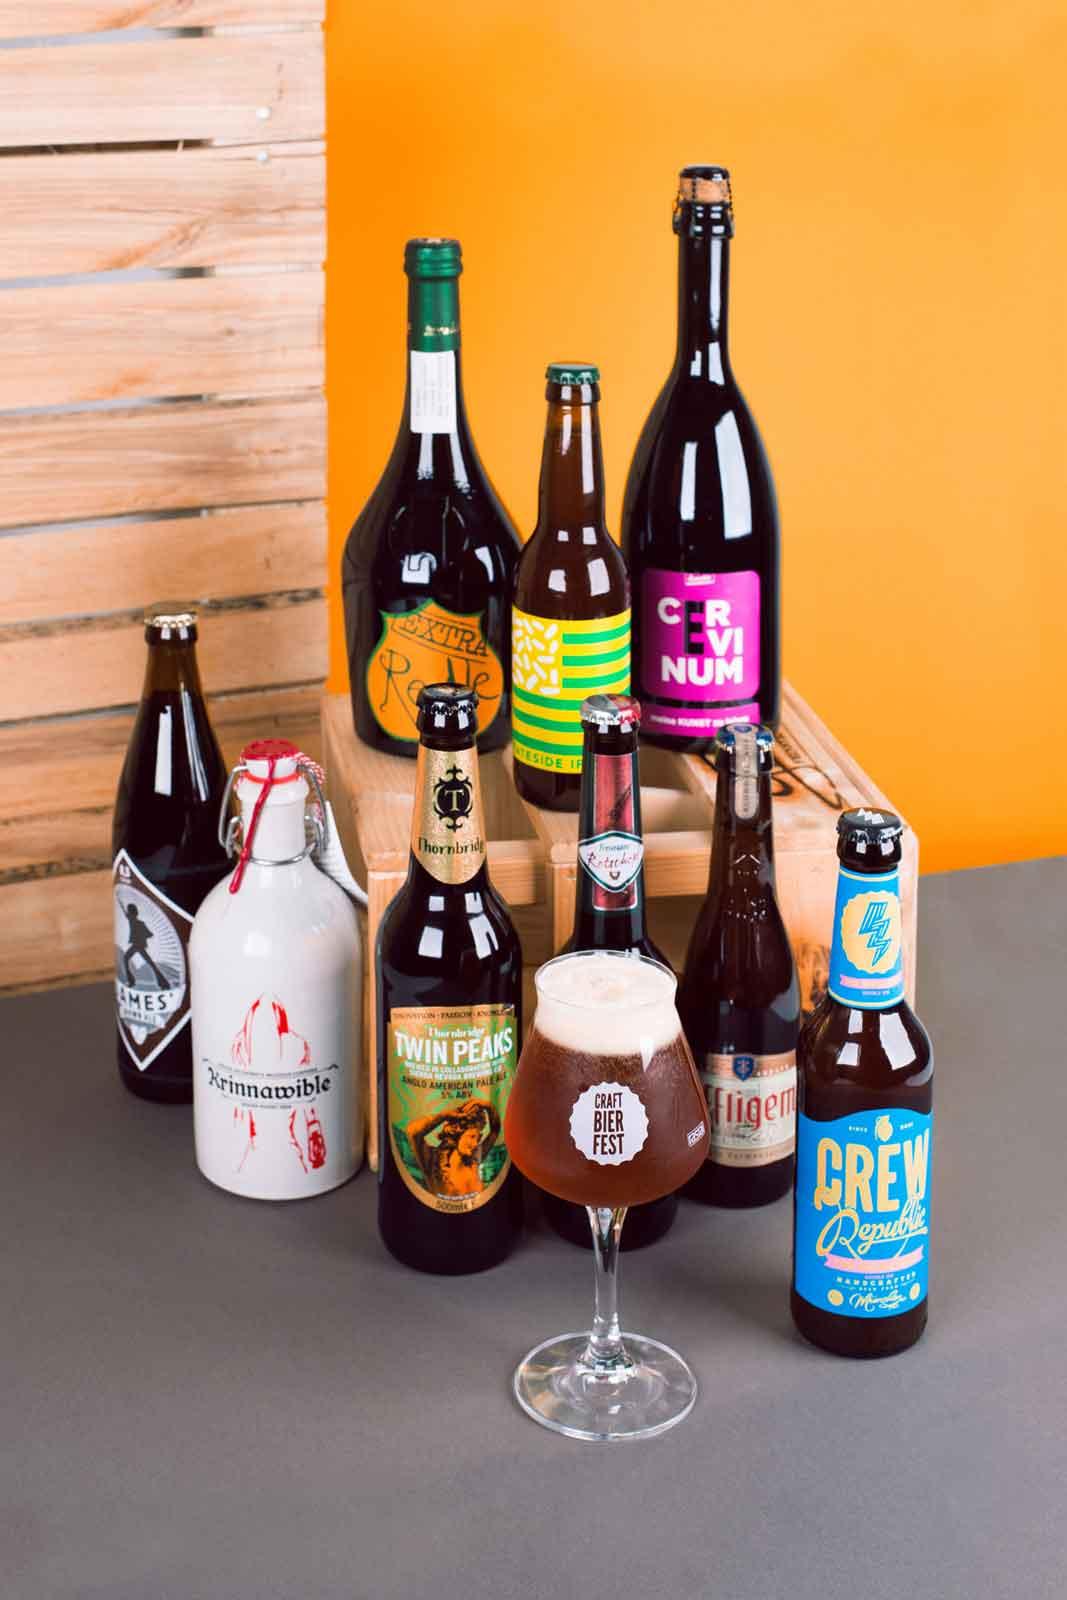 Craftbierfest Biere